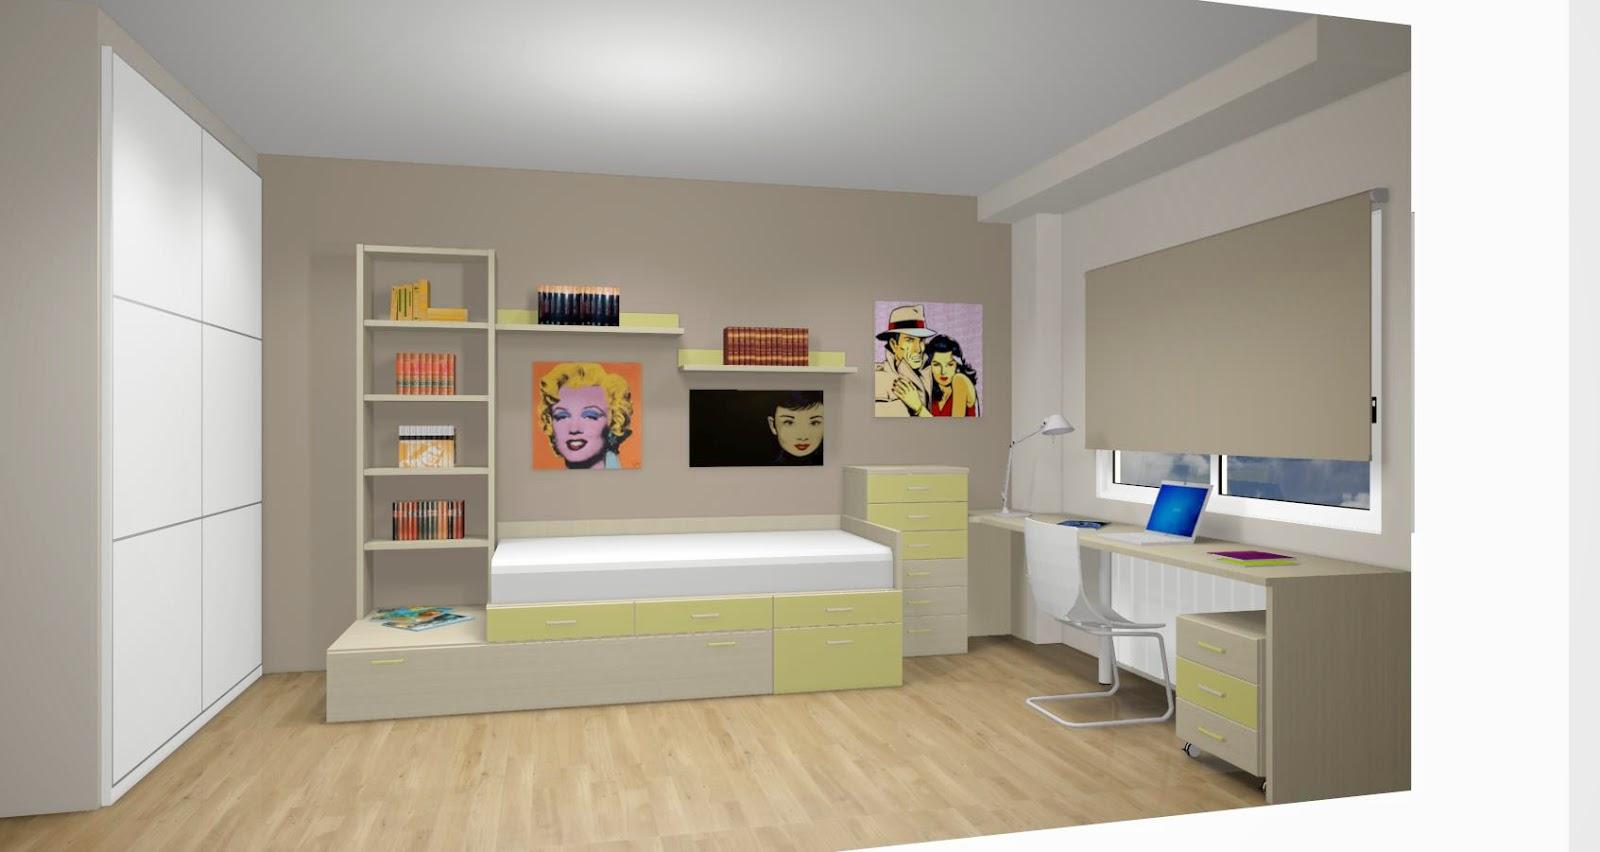 A continuaci n os ense amos diferentes dise os que hemos - Imagenes dormitorios juveniles ...